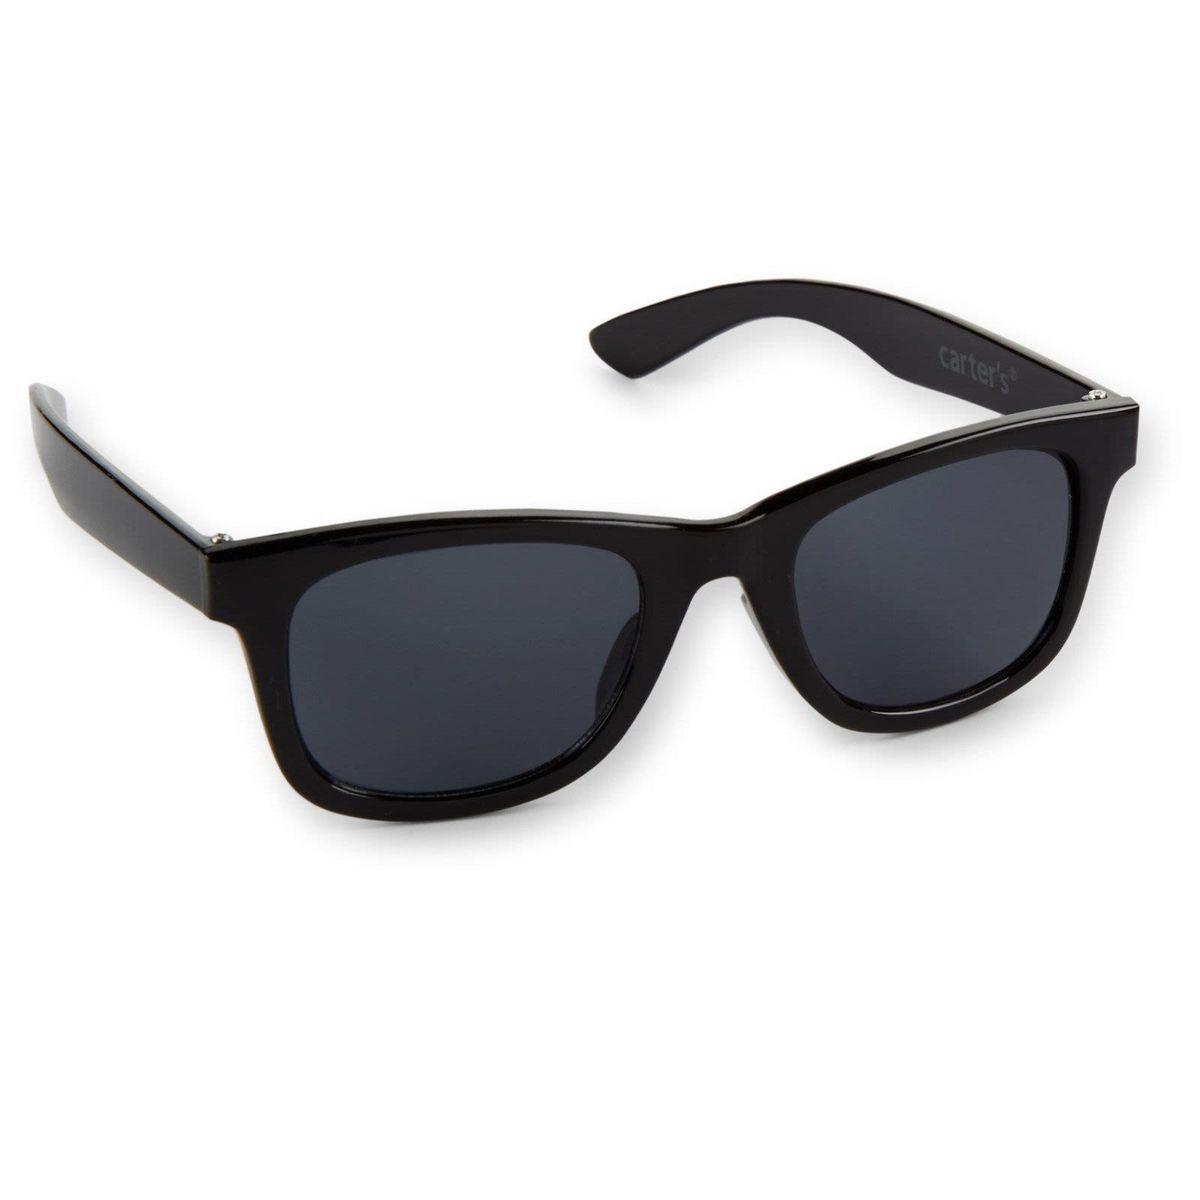 Óculos Carter s para Seu Bebê 0 a 24 Meses 100% Original   Item Infantil  Carter s Nunca Usado 18145354   enjoei 579ac1e331